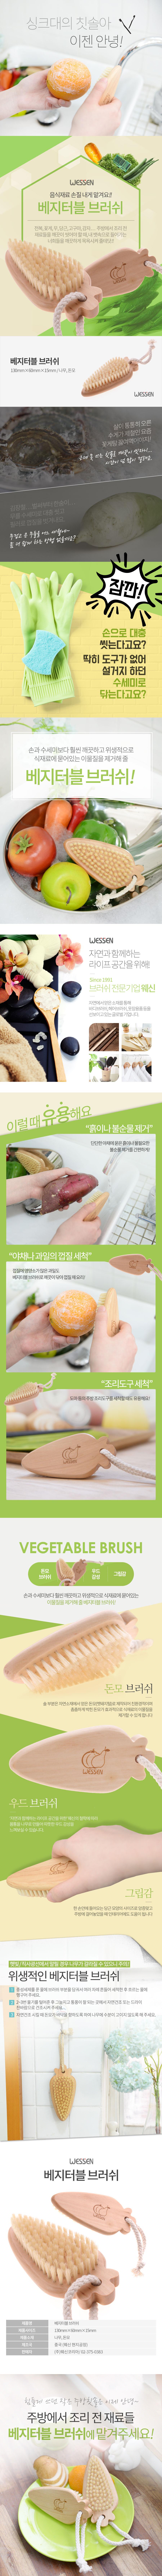 과일채소세척브러쉬솔 웨신베지터블브러쉬